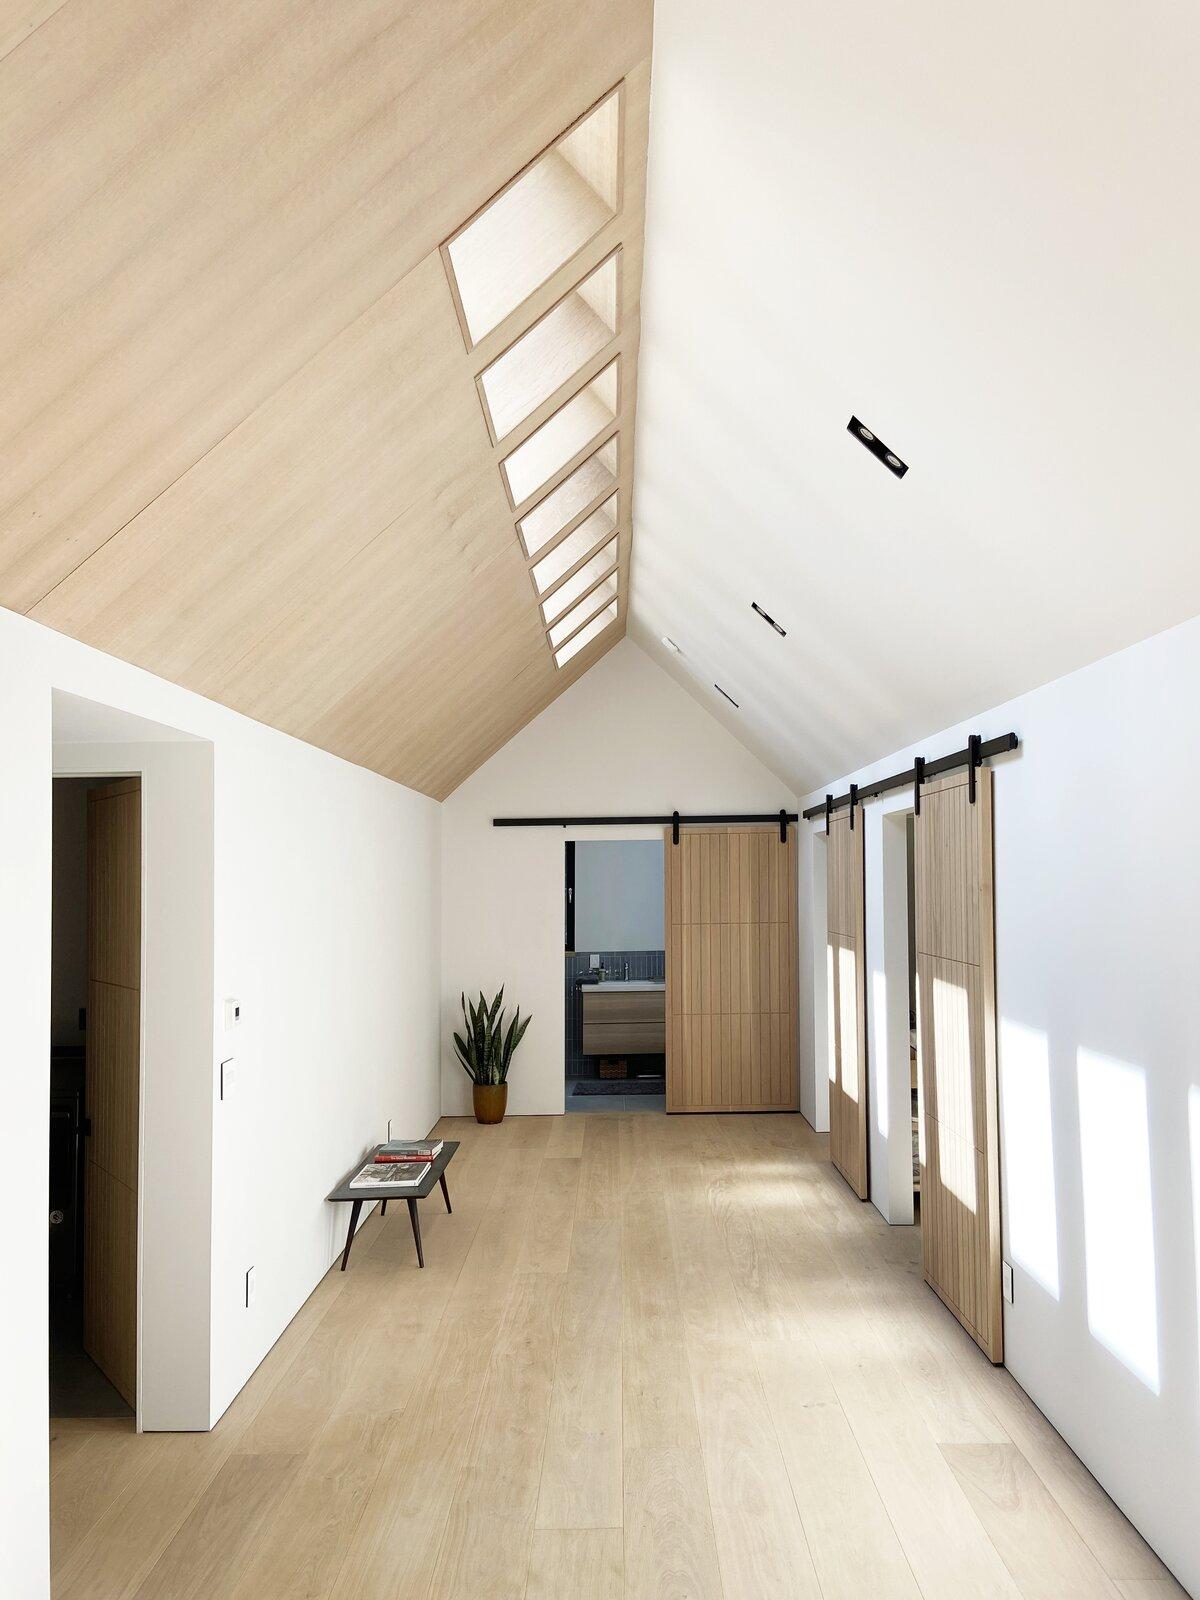 Hallway, Light Hardwood Floor, and Plywood Floor Bedroom Hallway  Cork Haven by Multitude Studio